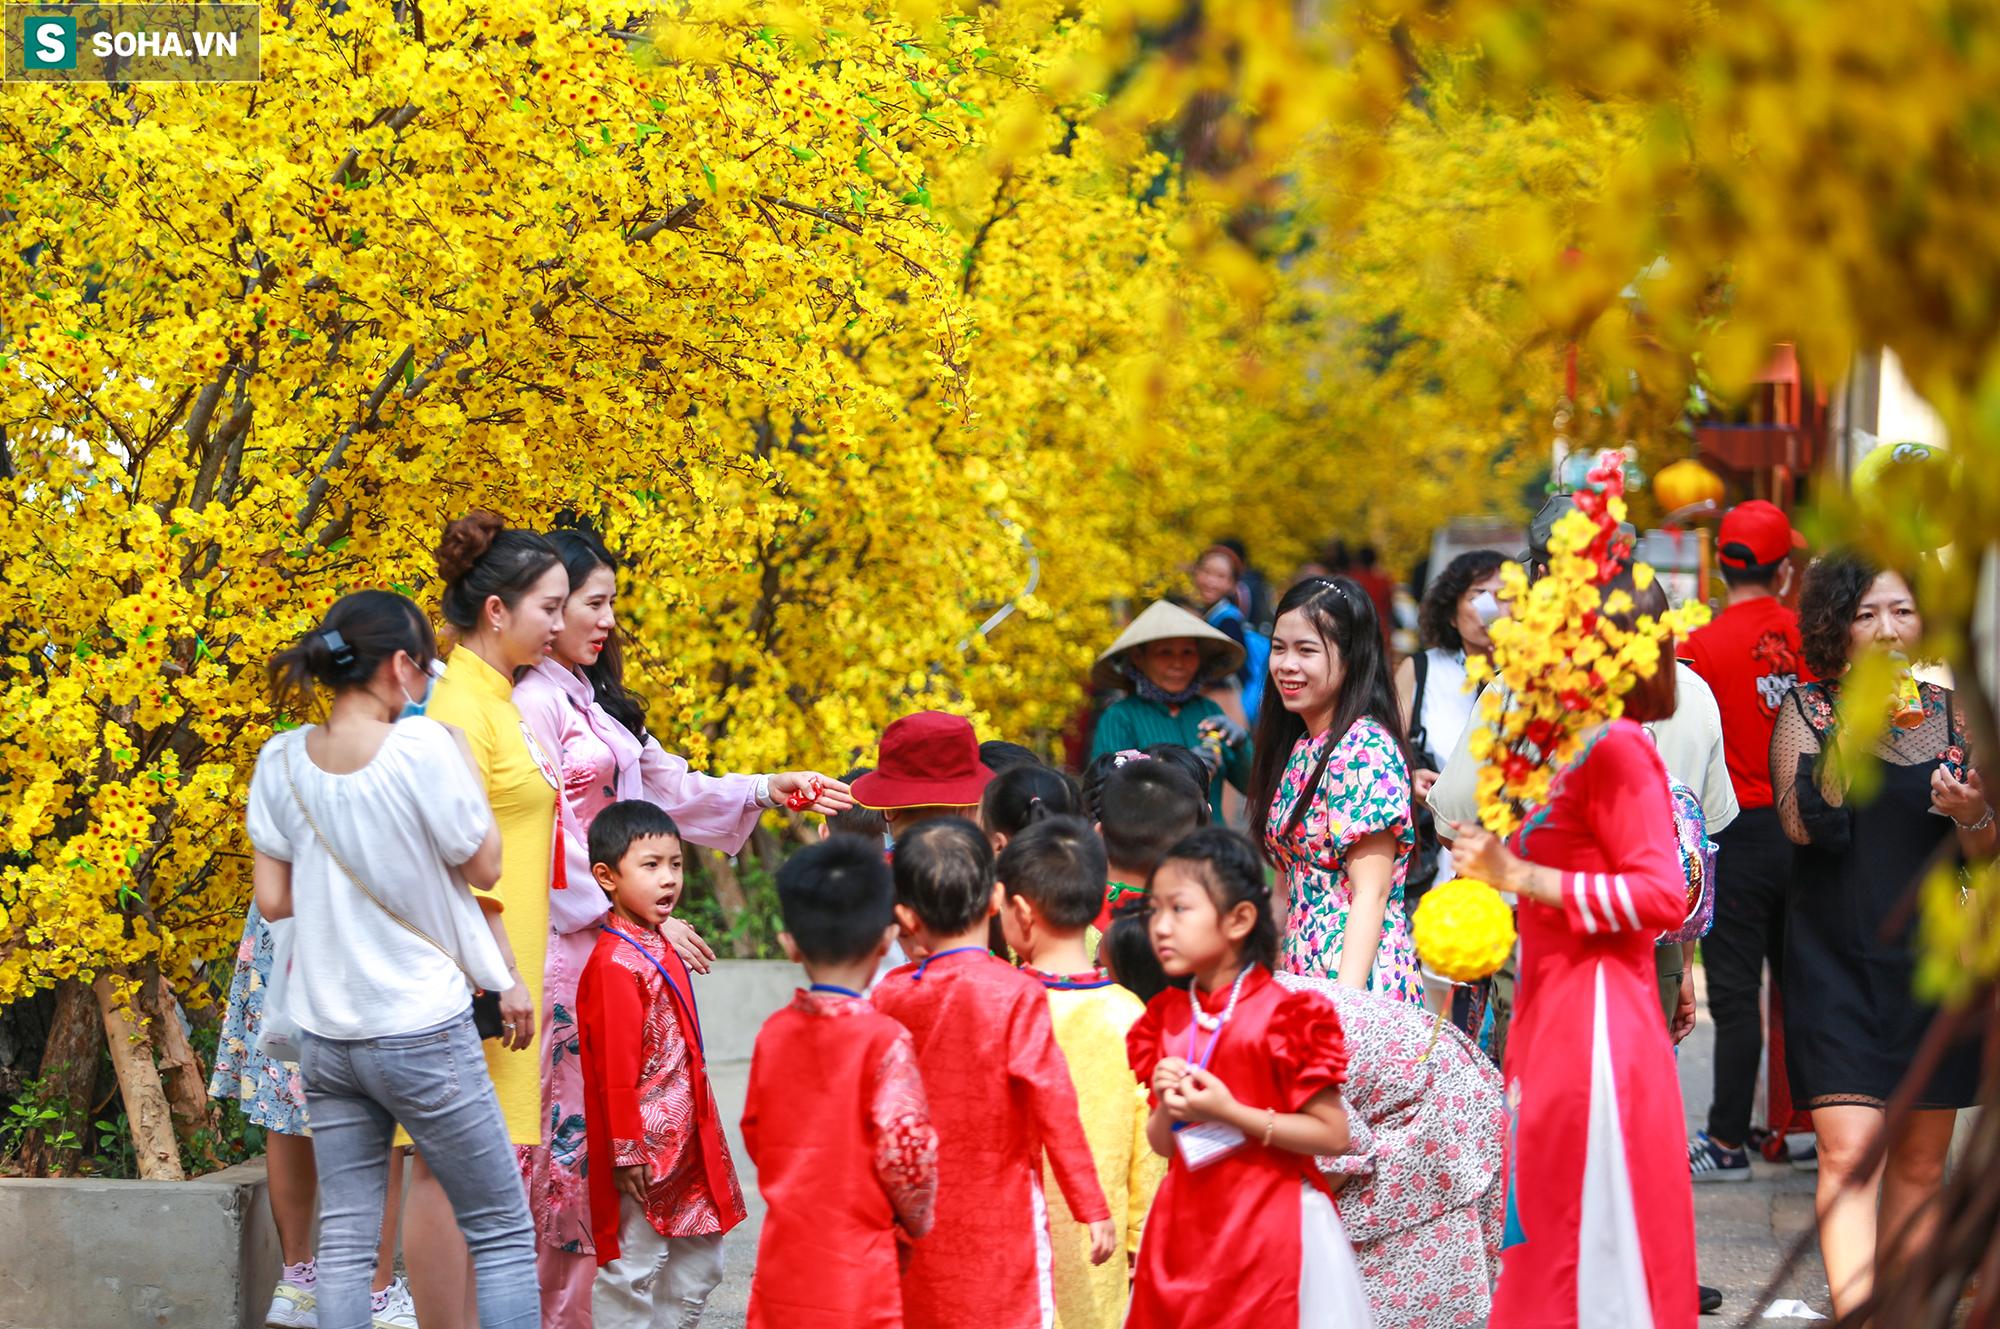 [Ảnh] Thiếu nữ Sài Gòn xinh đẹp xúng xính áo dài check-in sống ảo ở con đường hoa mai - Ảnh 9.